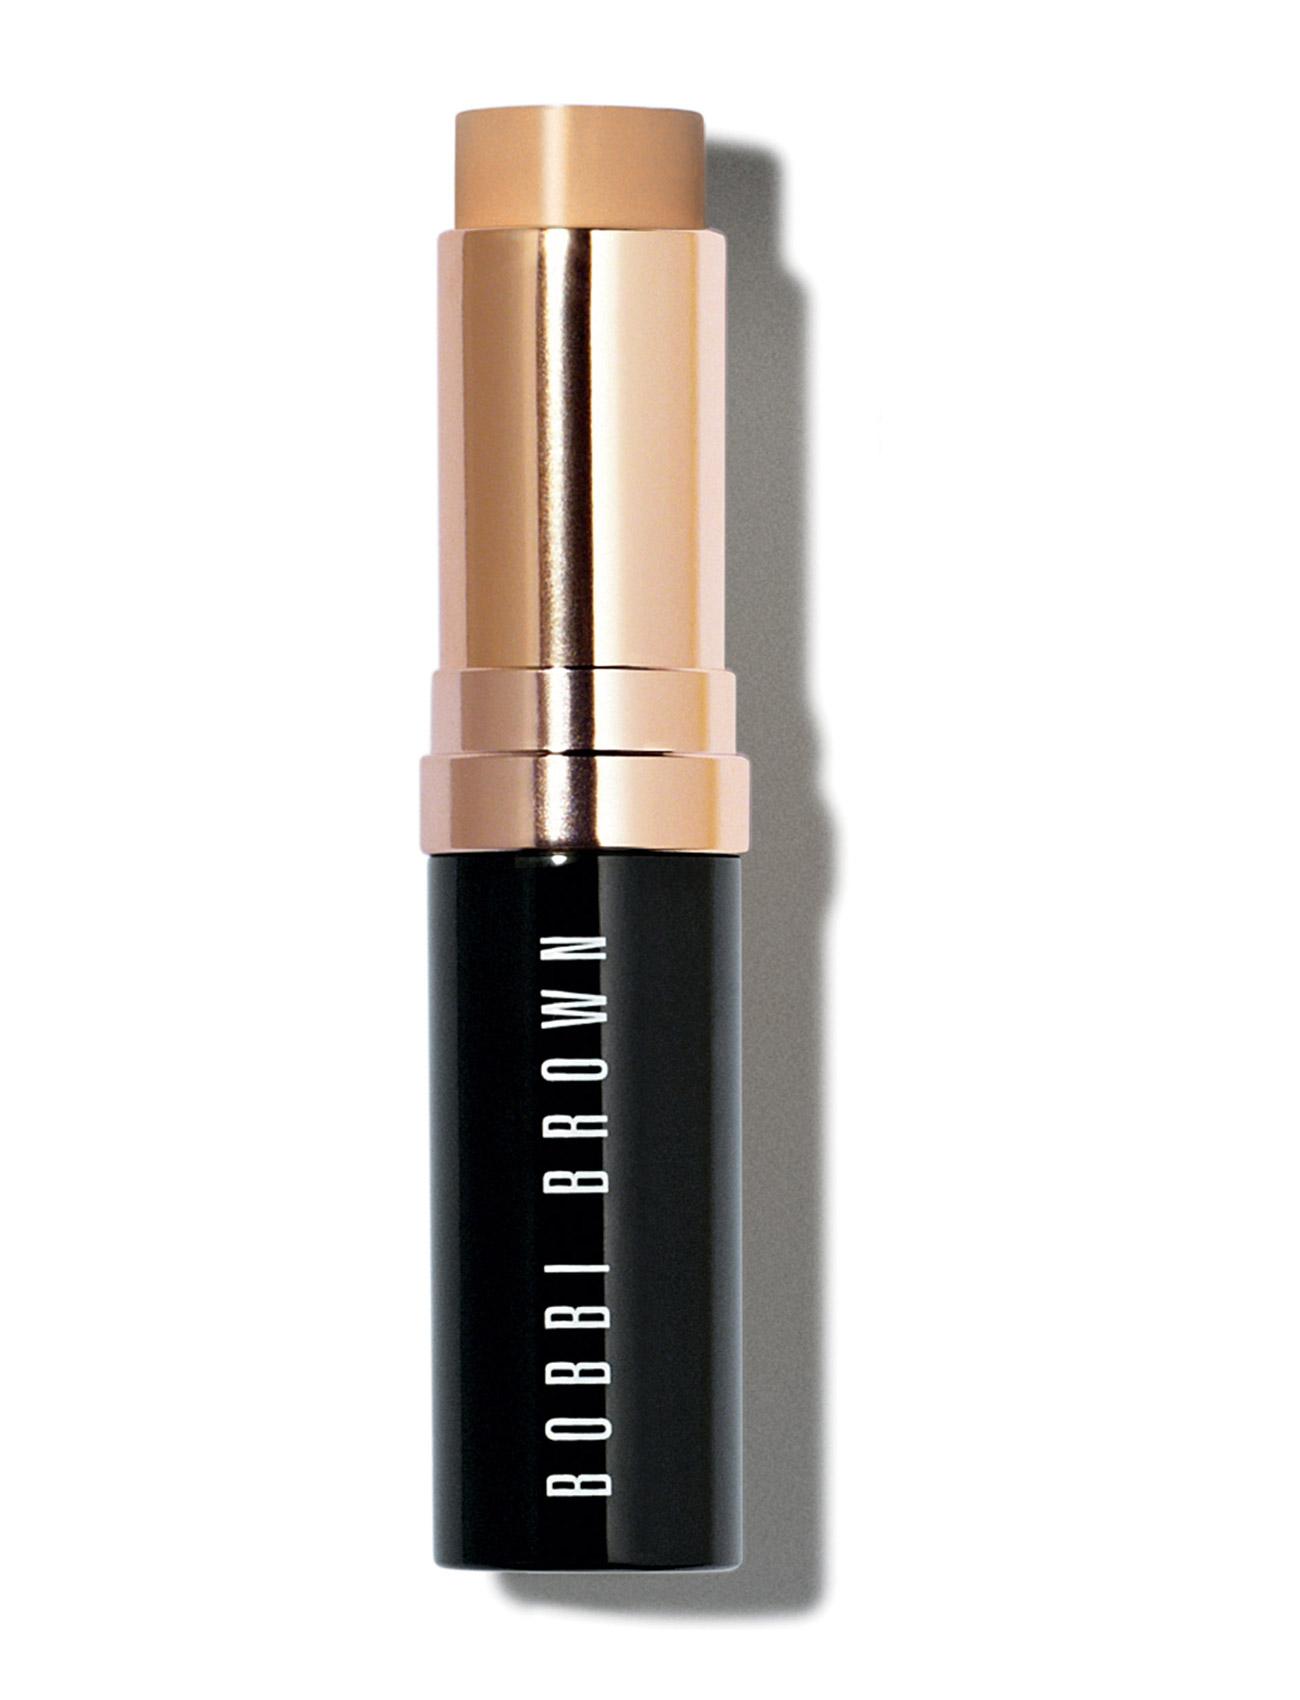 bobbi brown – Skin foundation stick, beige 3 fra boozt.com dk